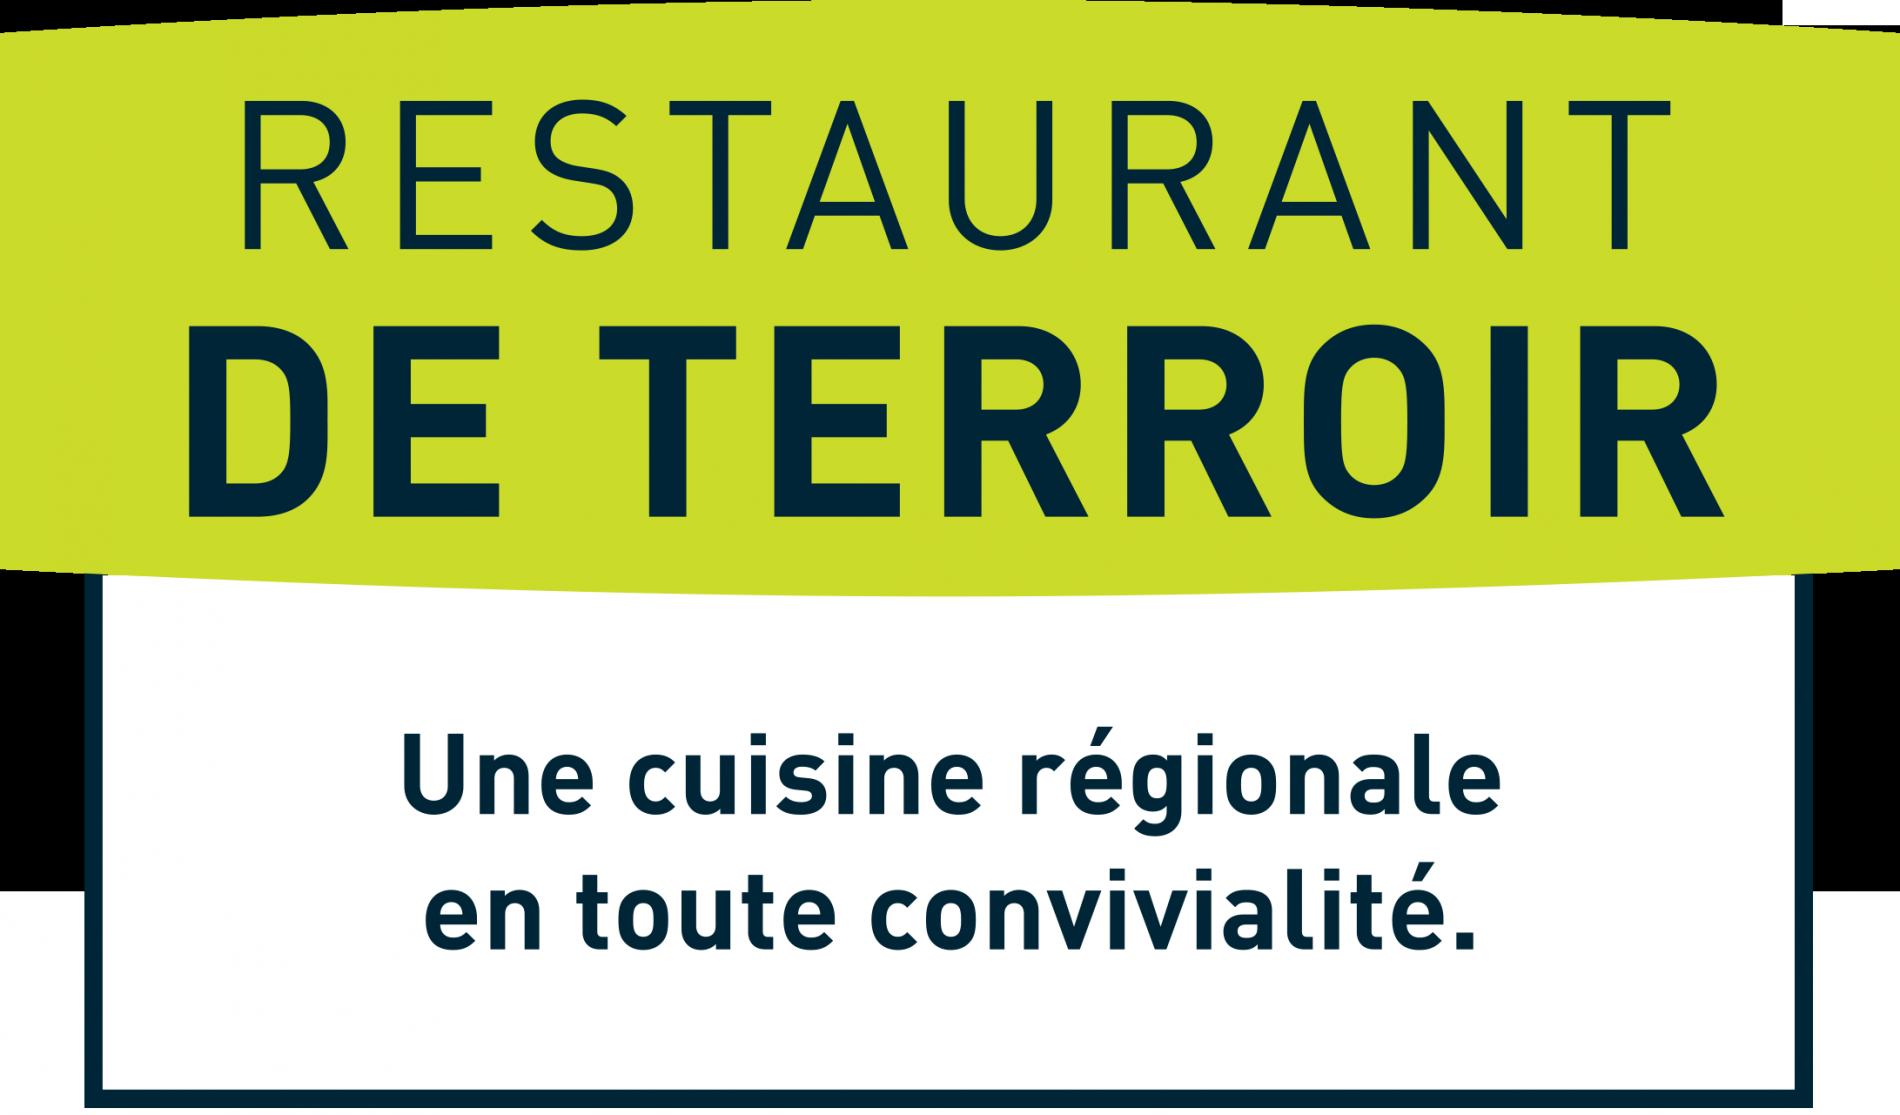 Hotel Le Relais Guillaume de Normandy Saint Valery sur Somme - logo Logis Restaurant de terroir